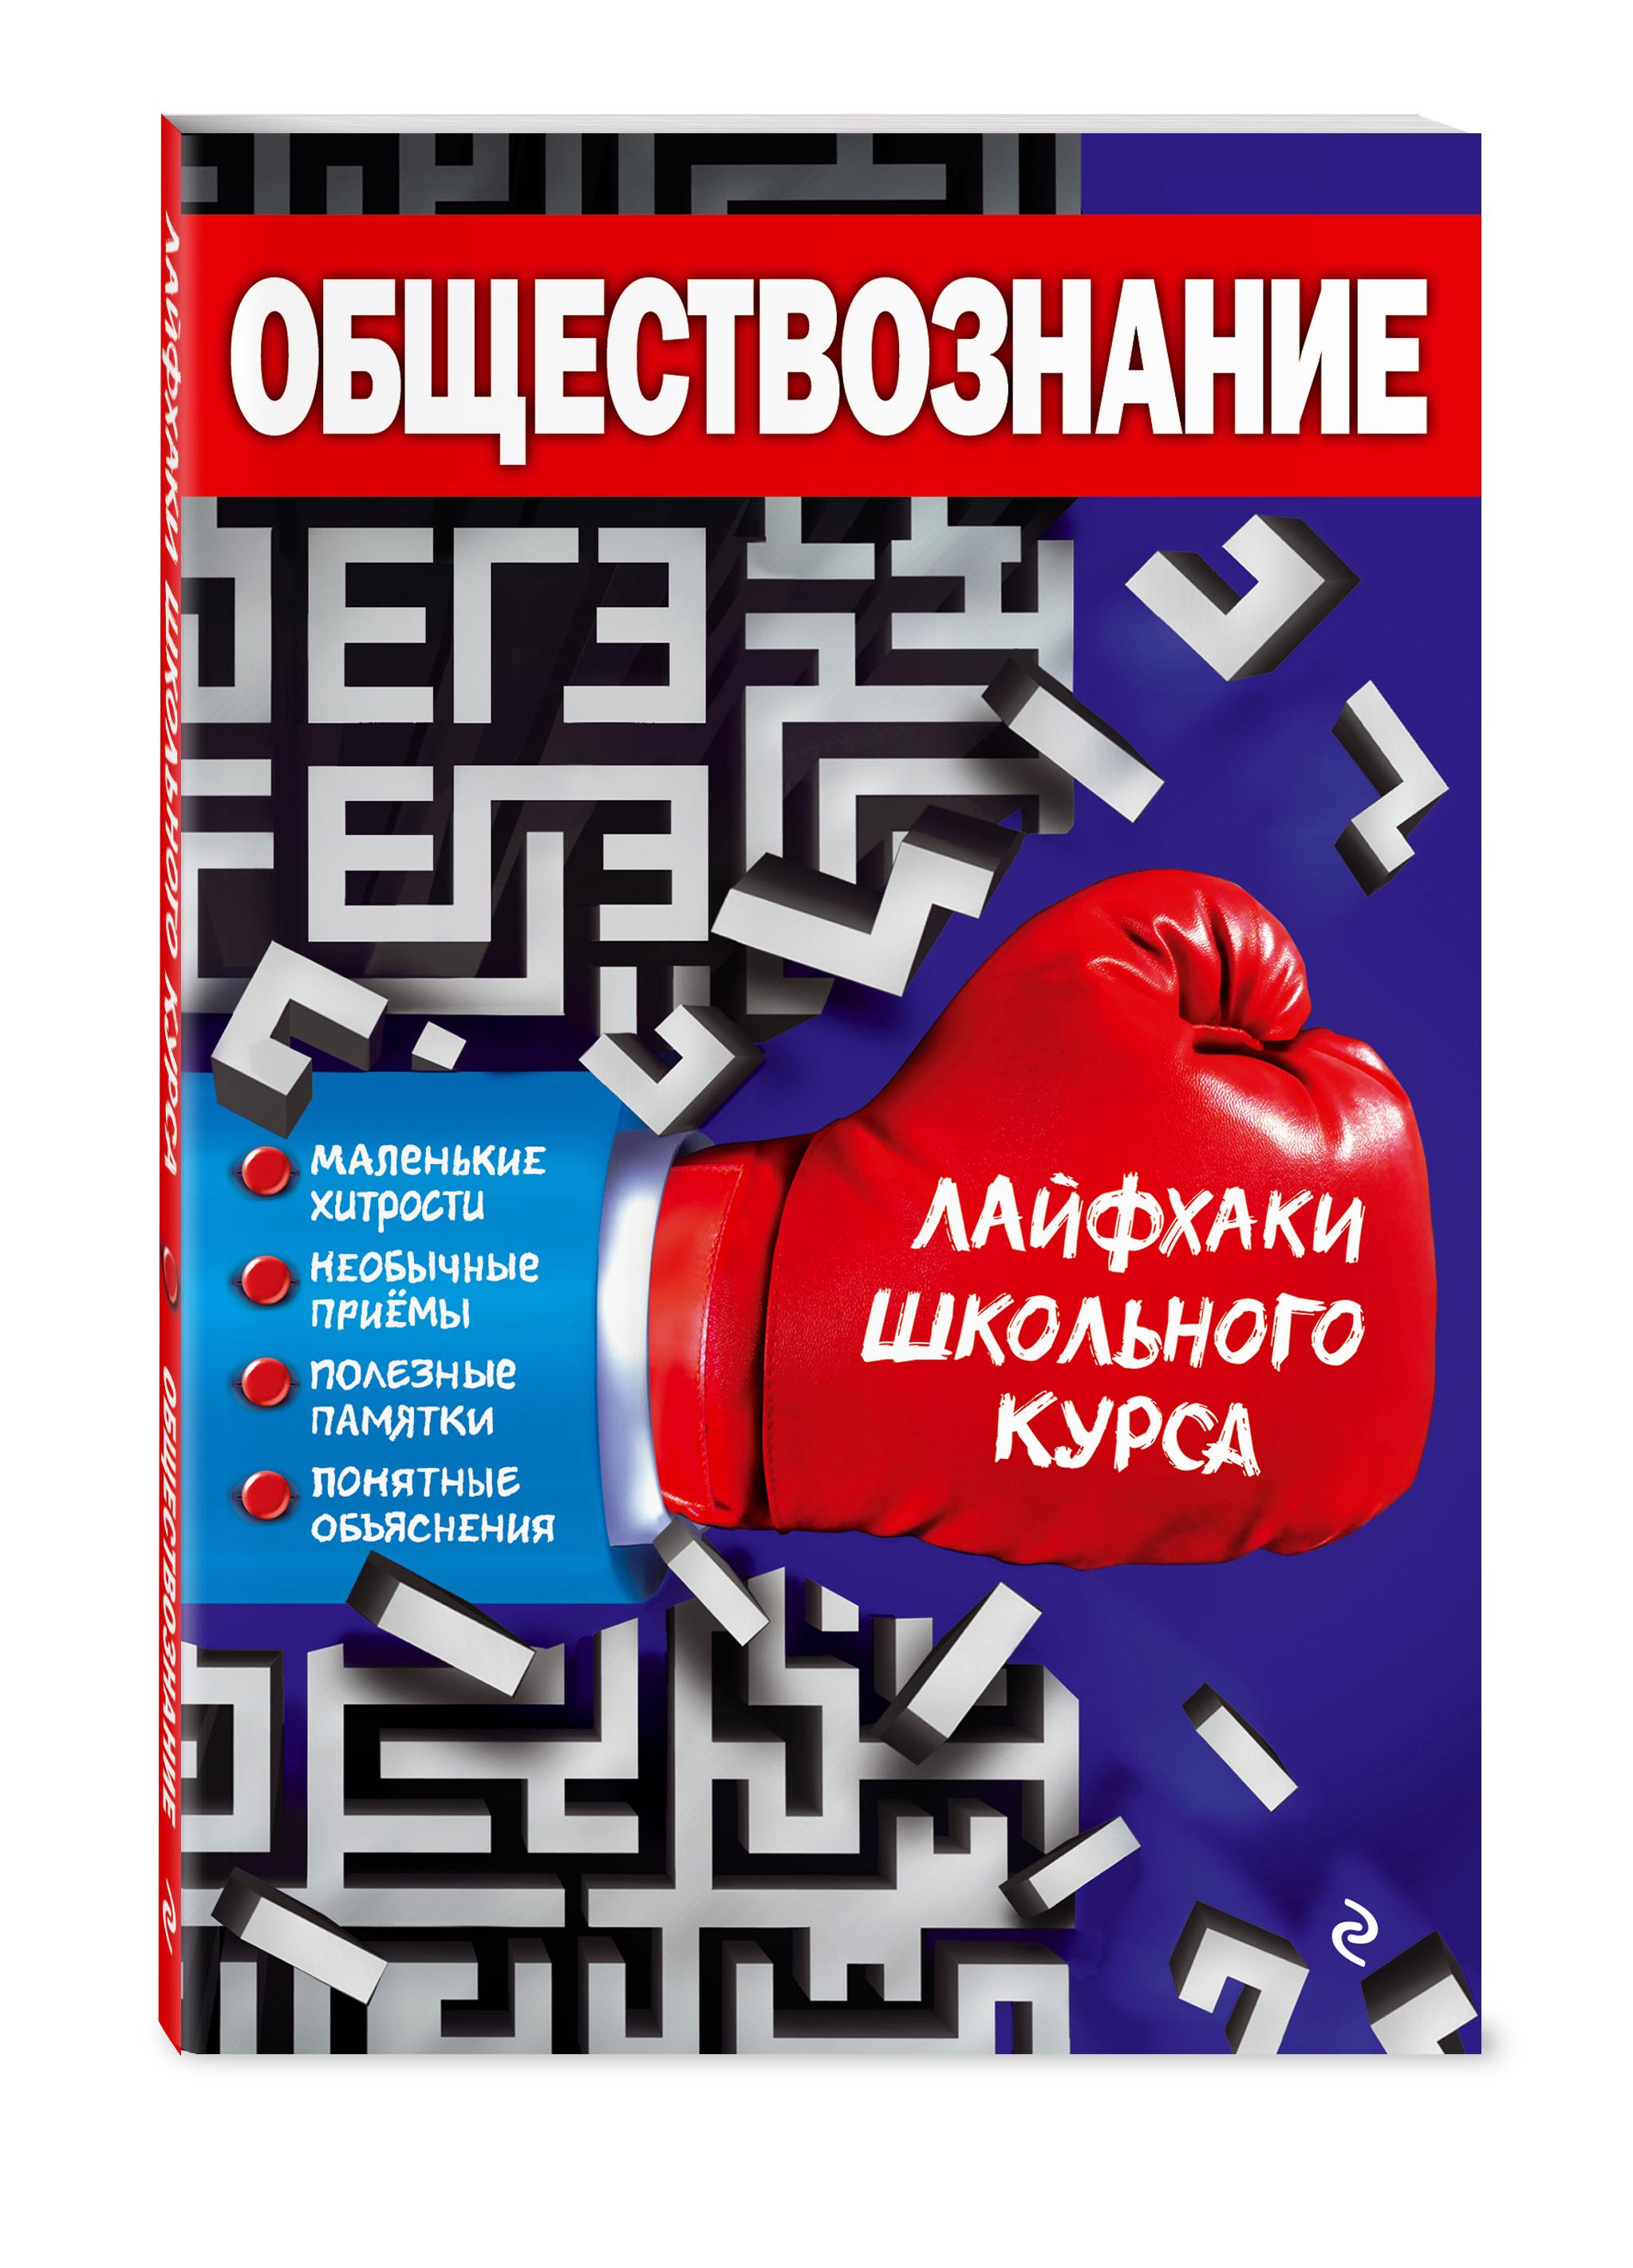 Обществознание ( Донской Дмитрий Иванович  )